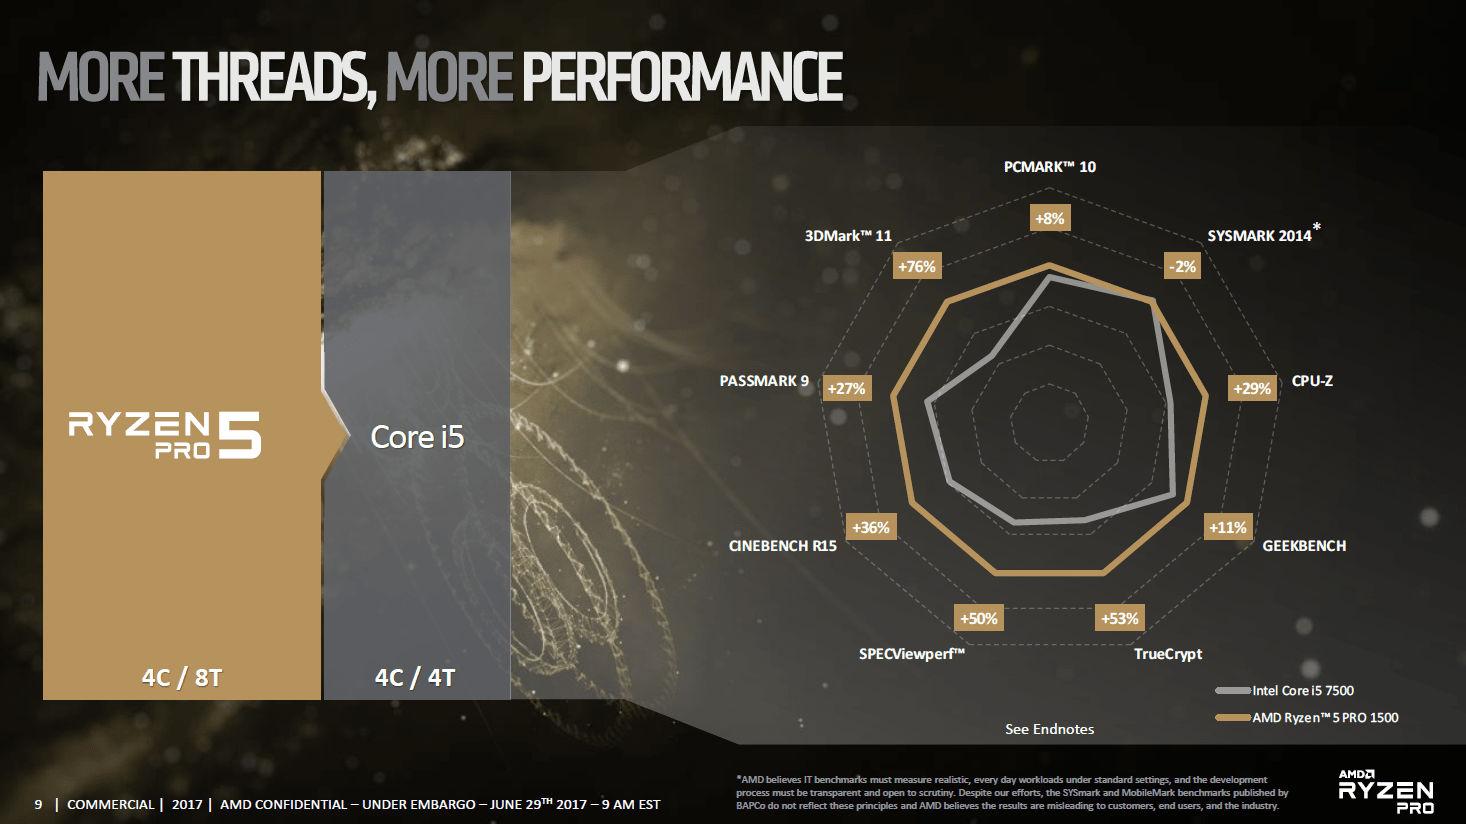 amd-ryzen-pro-enterprise-processor-launch_11